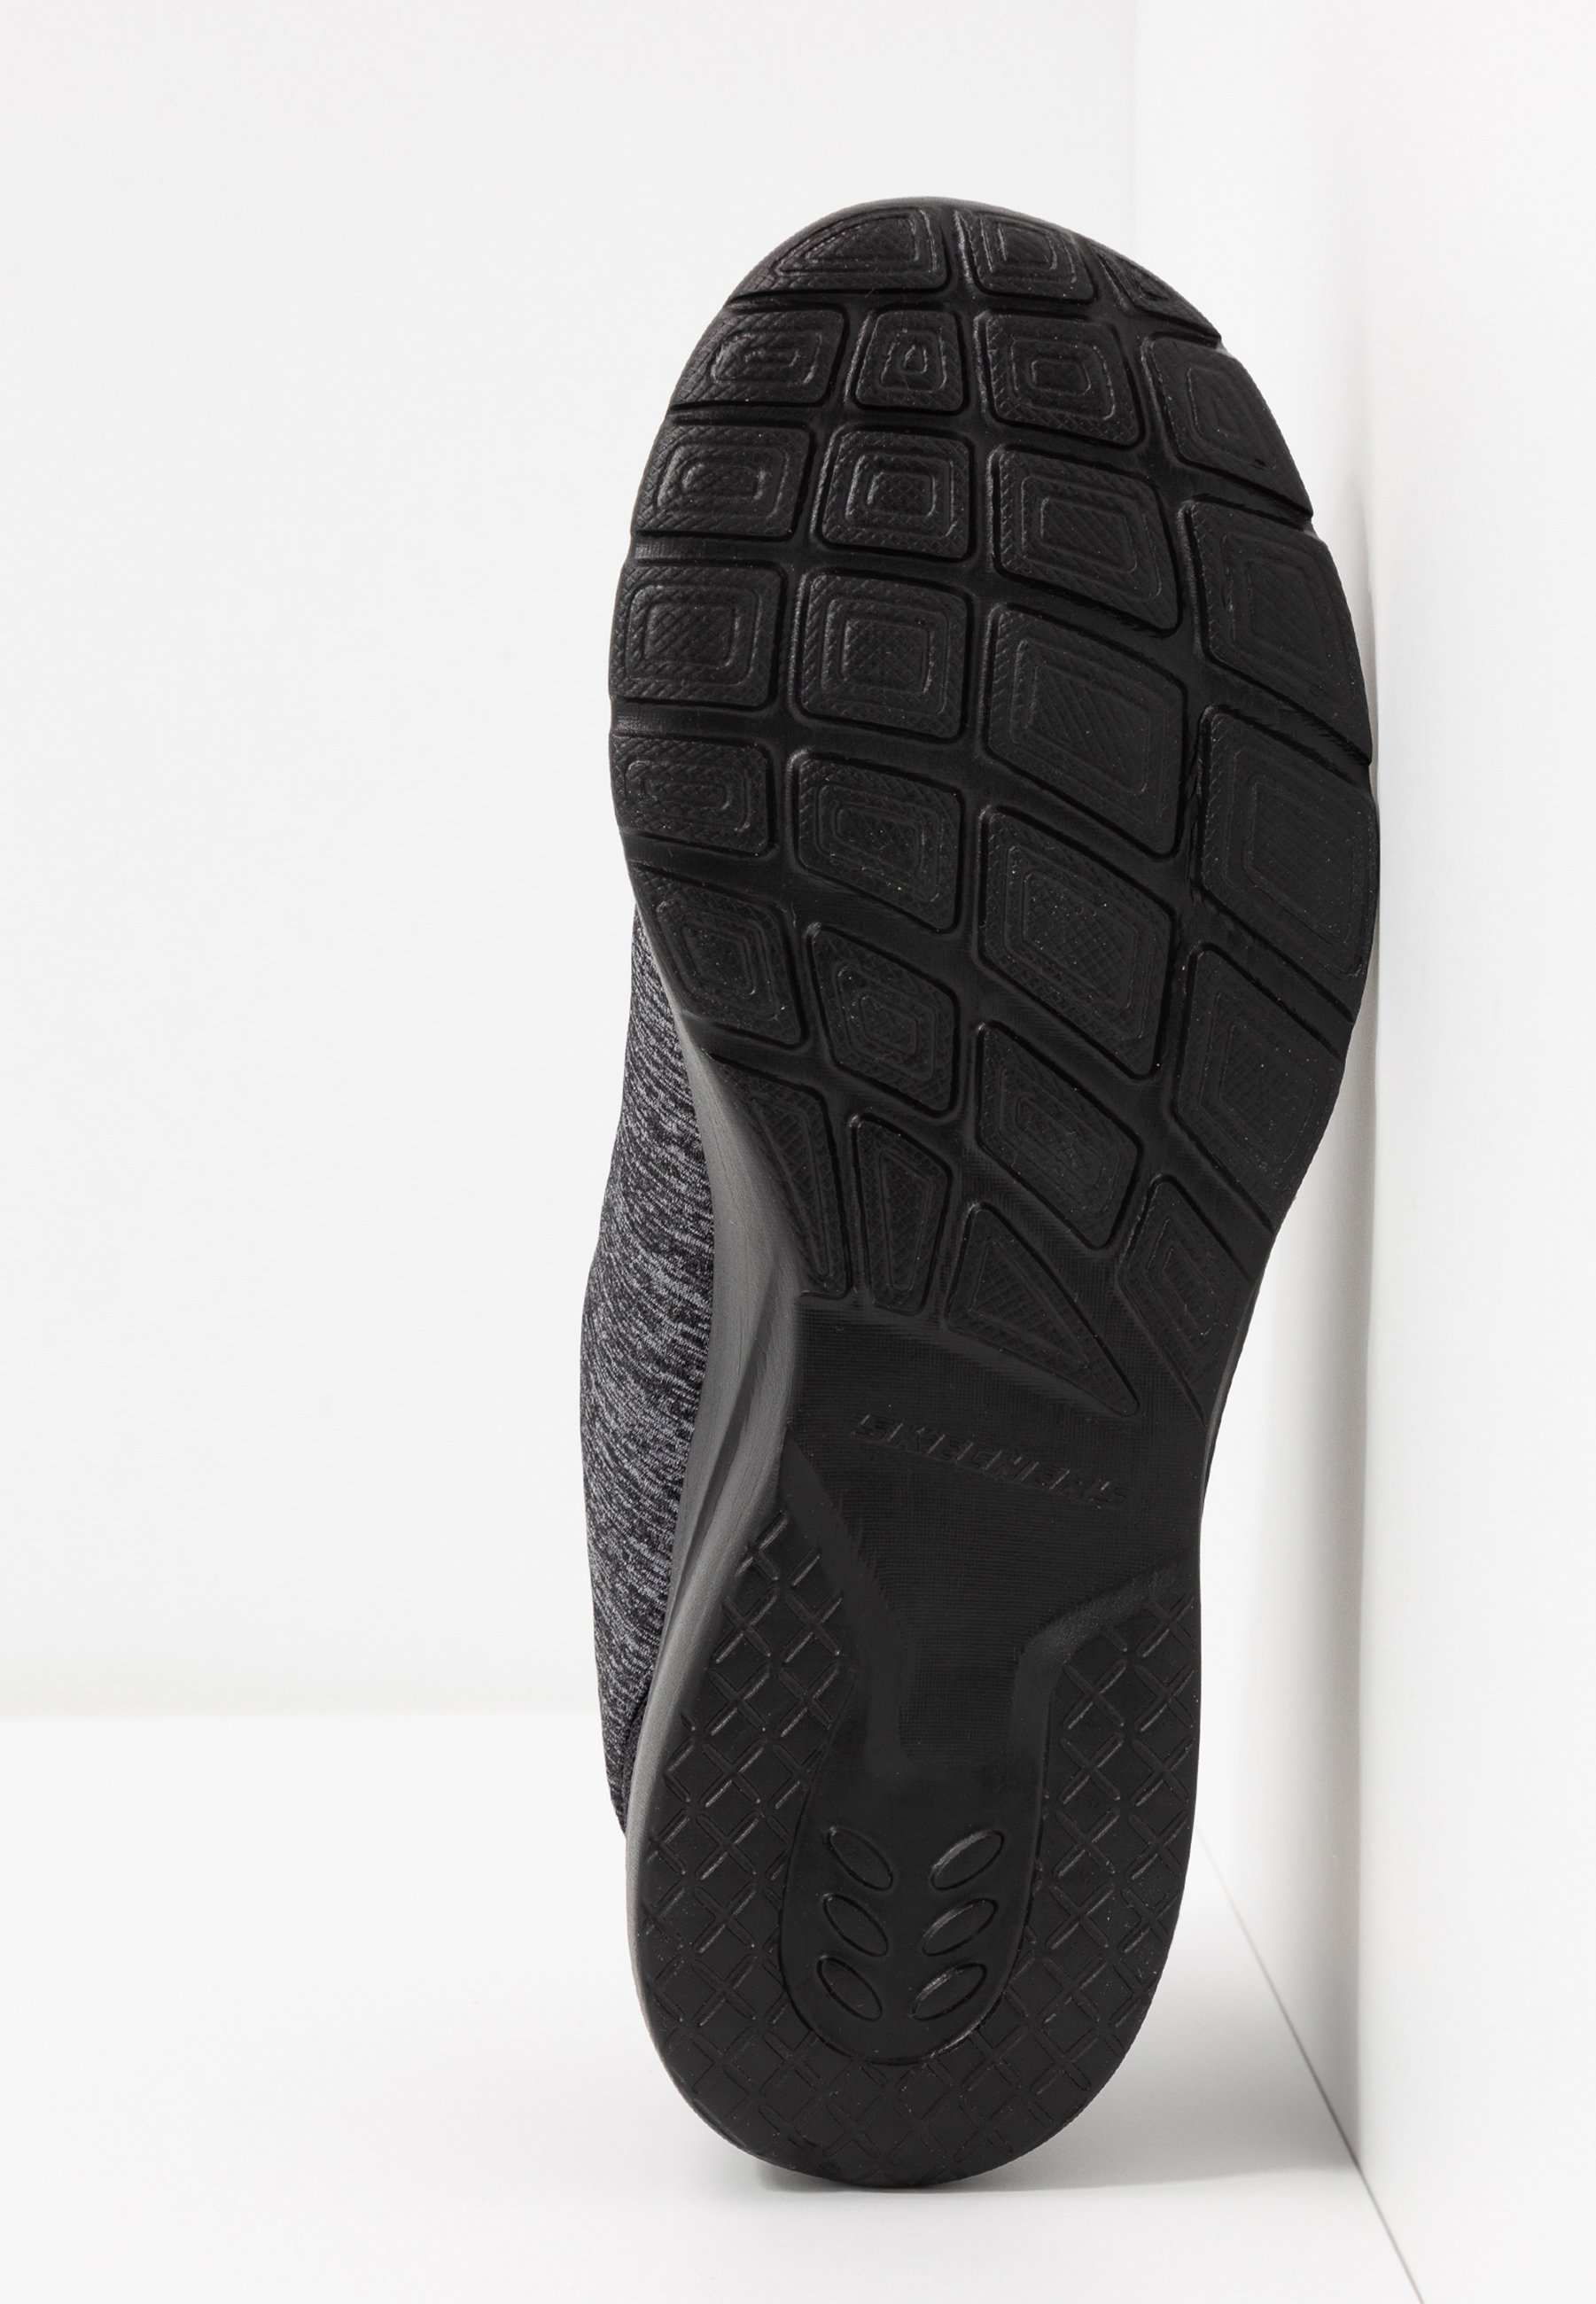 Skechers DYNAMIGHT 2.0 Slipper black/charcoal/schwarz